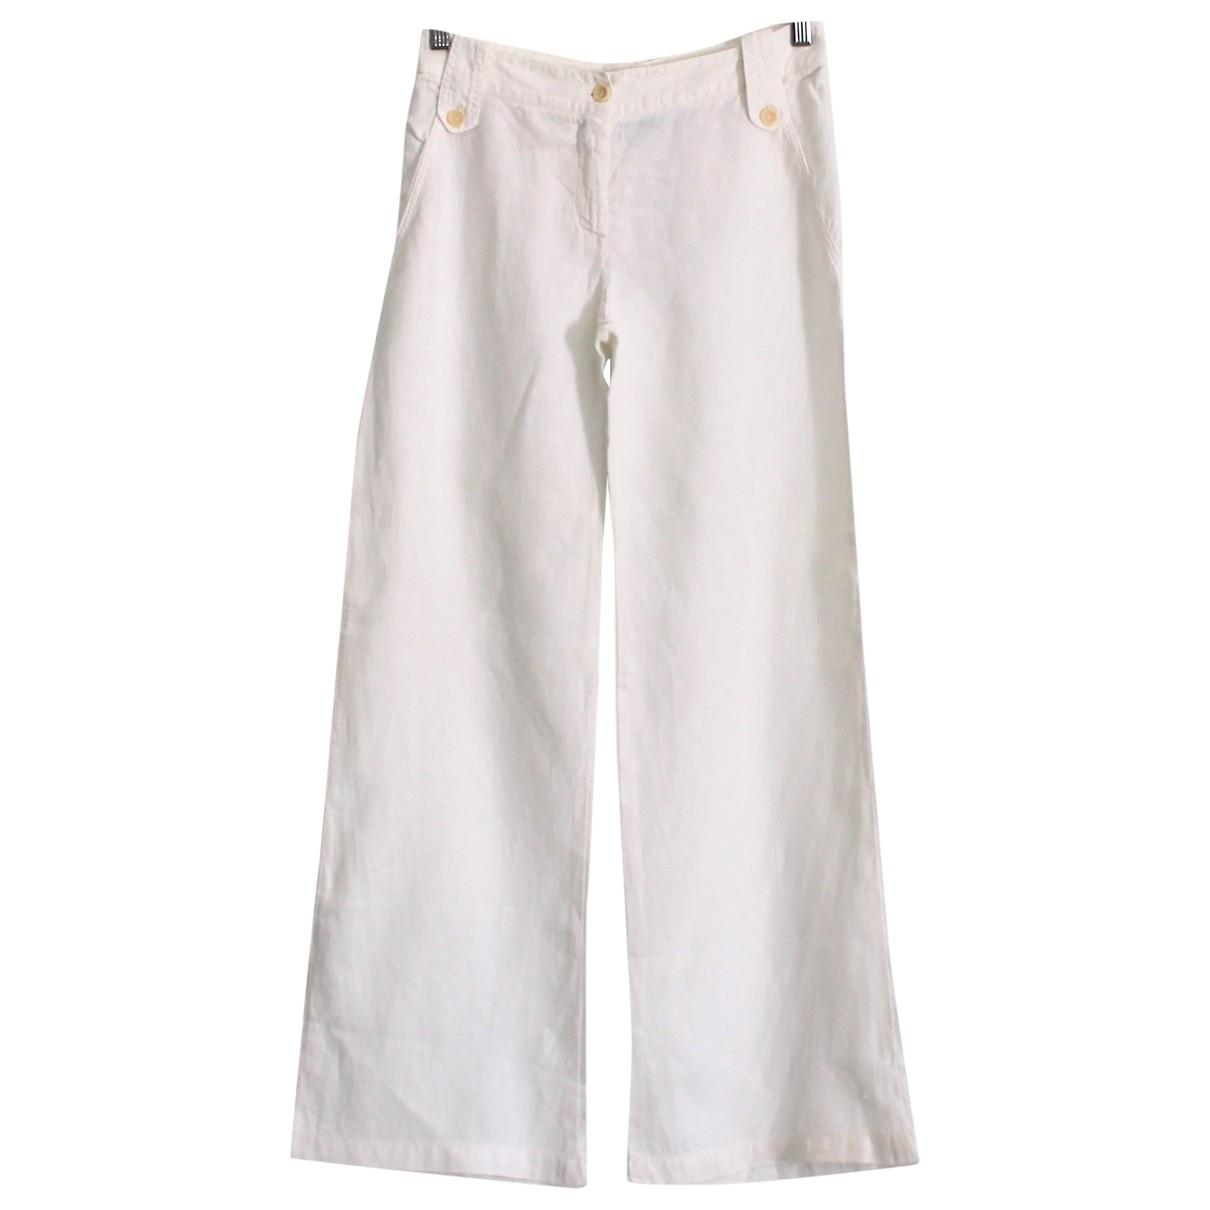 Patrizia Pepe \N White Cotton Trousers for Women 42 IT